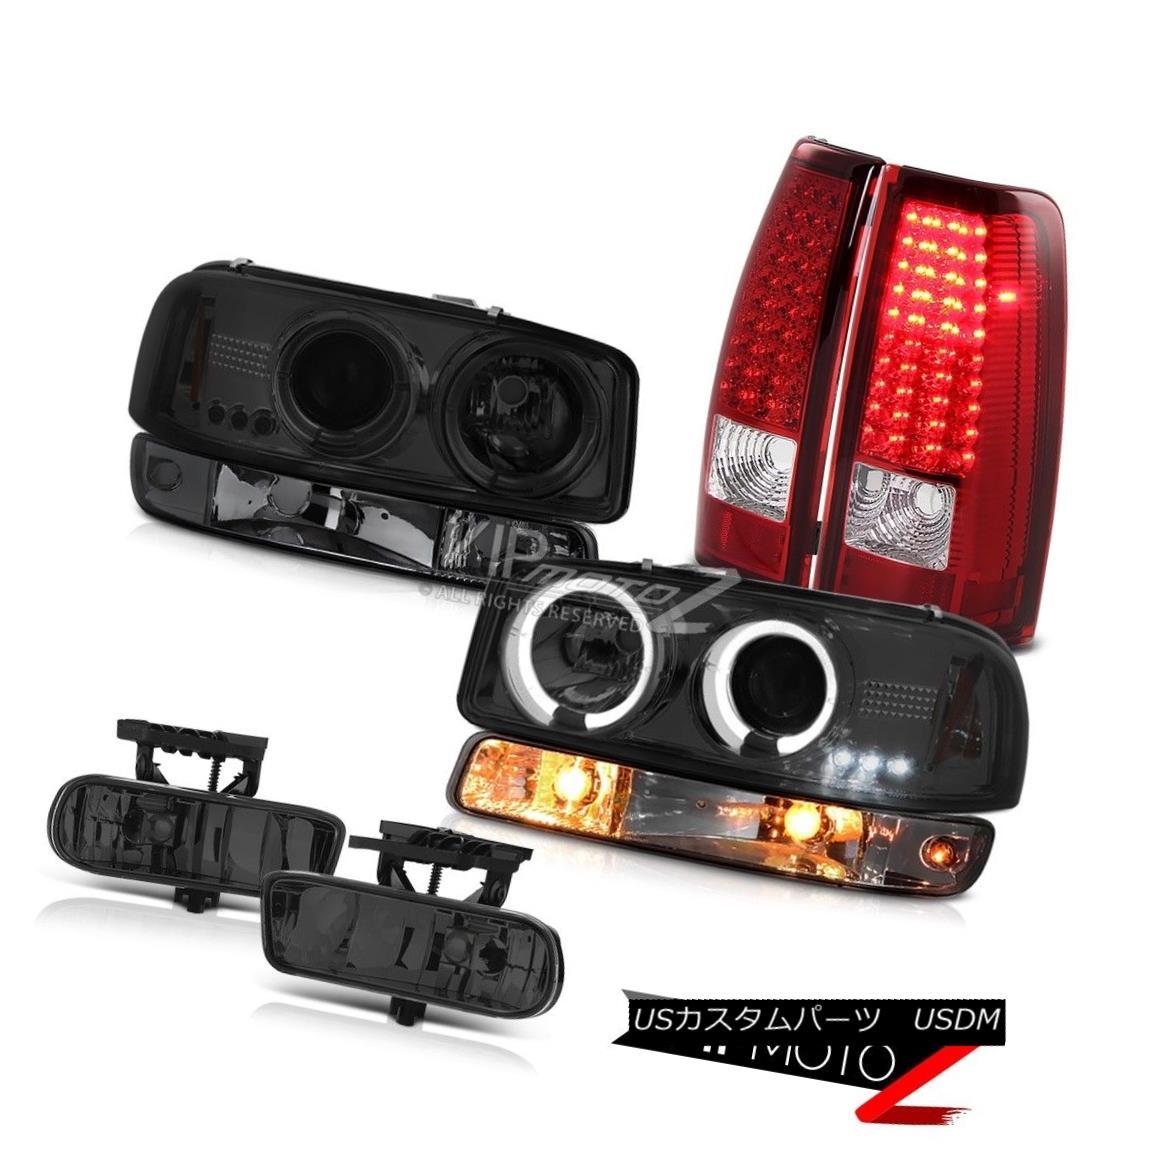 ヘッドライト 1999-2002 Sierra SL Foglamps bloody red led tail lights parking light headlamps 1999-2002 Sierra SL Foglampsピエロトレッドテールライトパーキングライトヘッドランプ